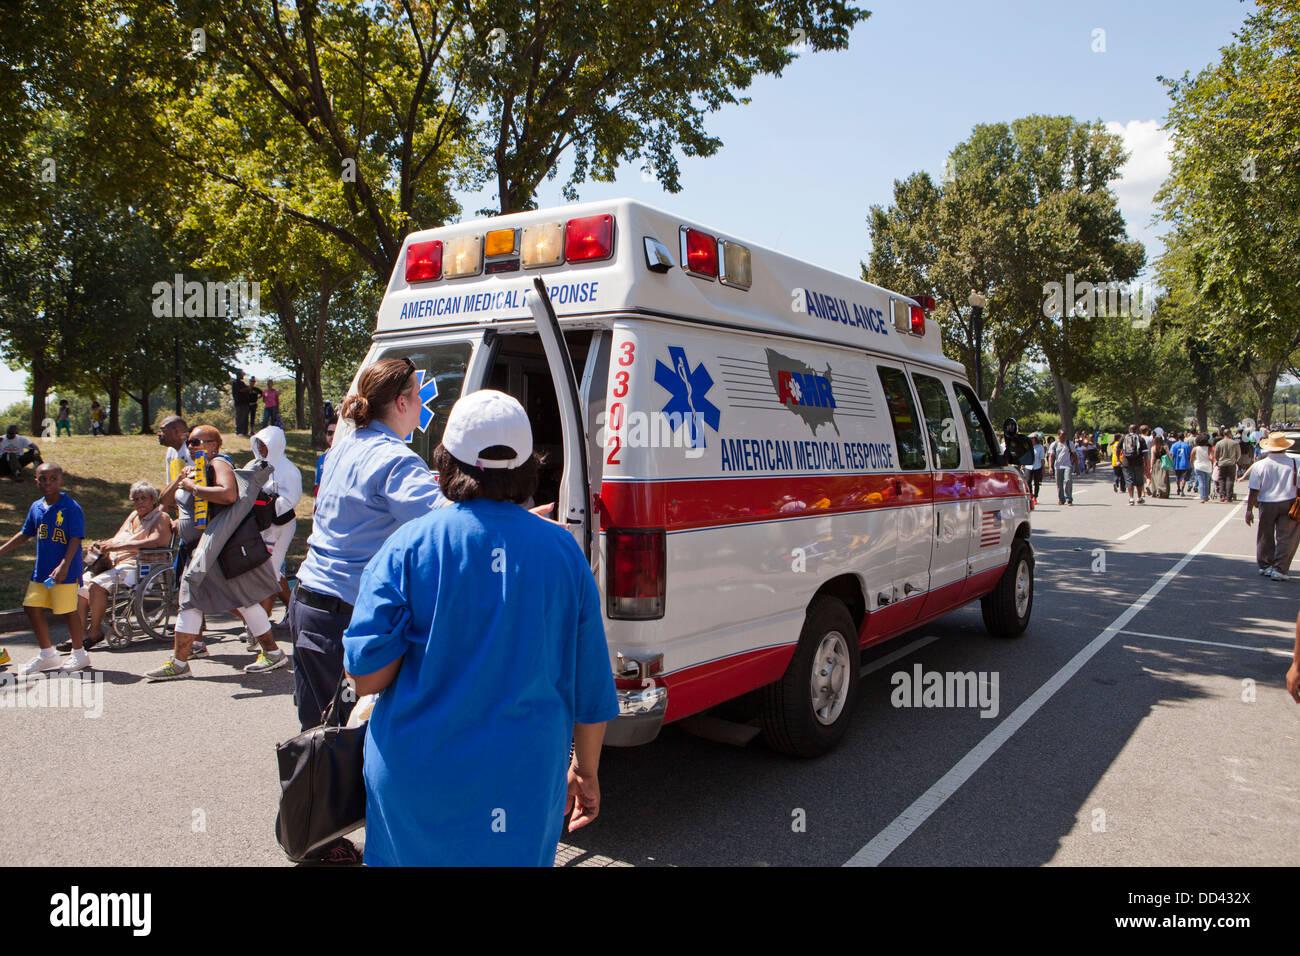 Ambulance - USA - Stock Image